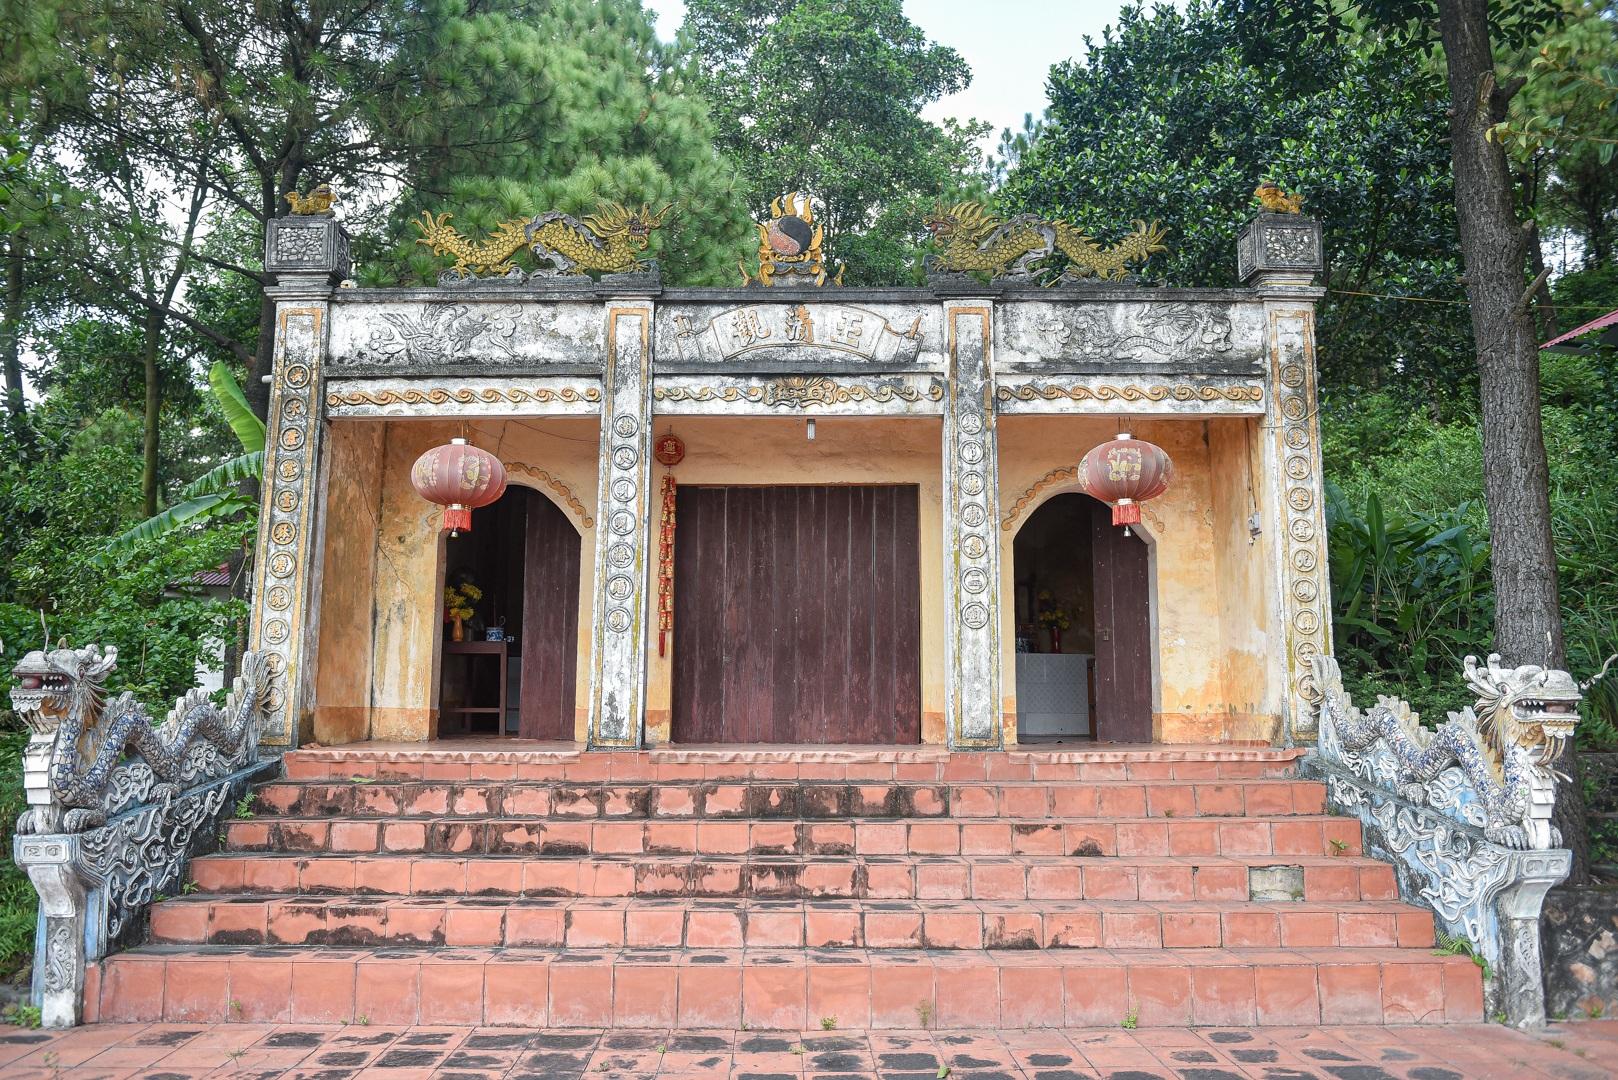 Chùa, quán Ngọc Thanh - nơi Nguyễn Trãi làm bài thơ nổi tiếng muôn đời - 9